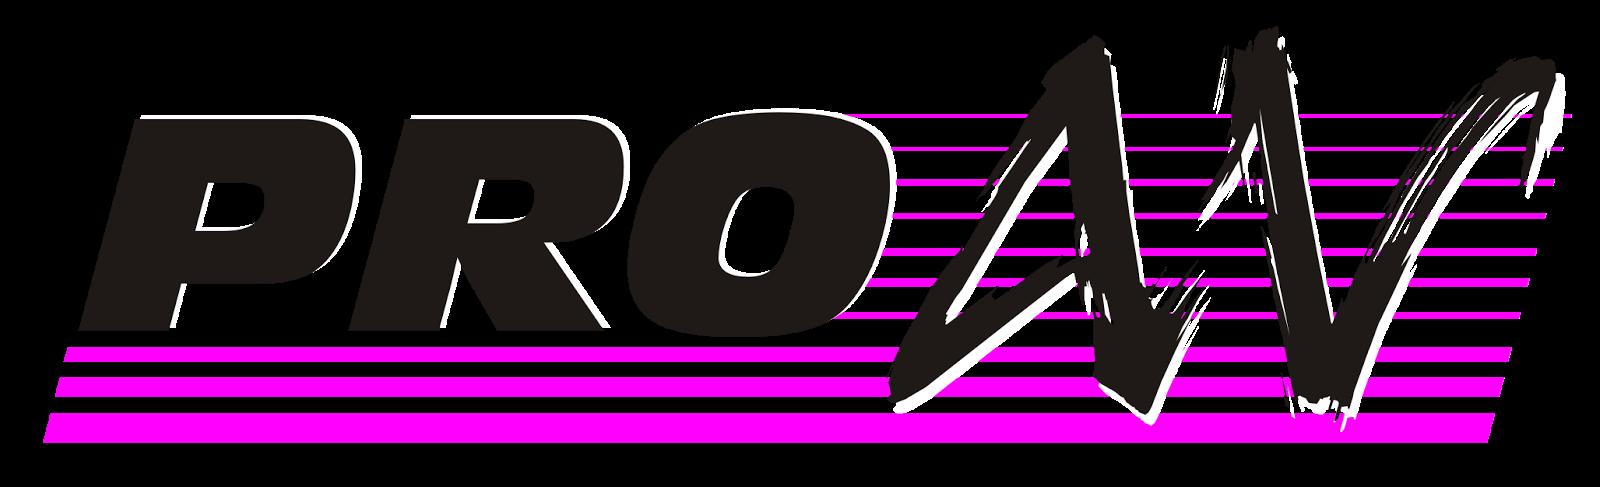 logo proav